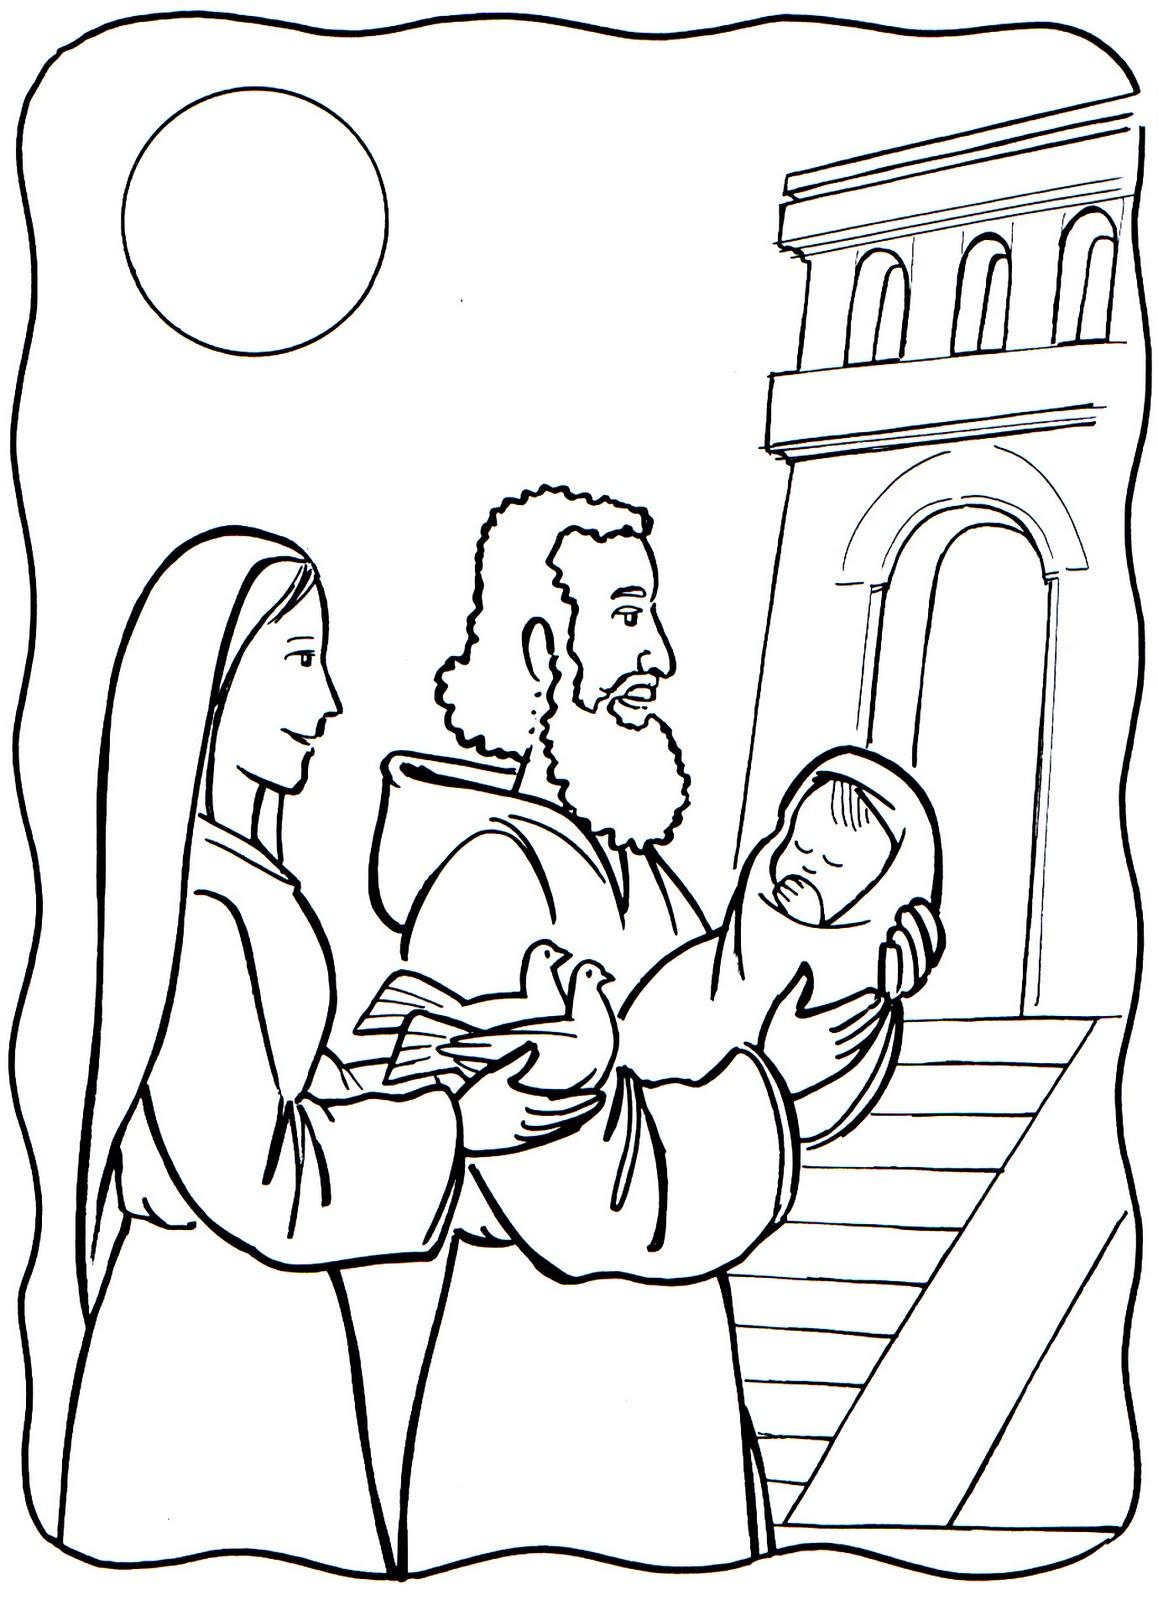 COLOREA TUS DIBUJOS: Dibujo de Jesus llevado al templo para colorear